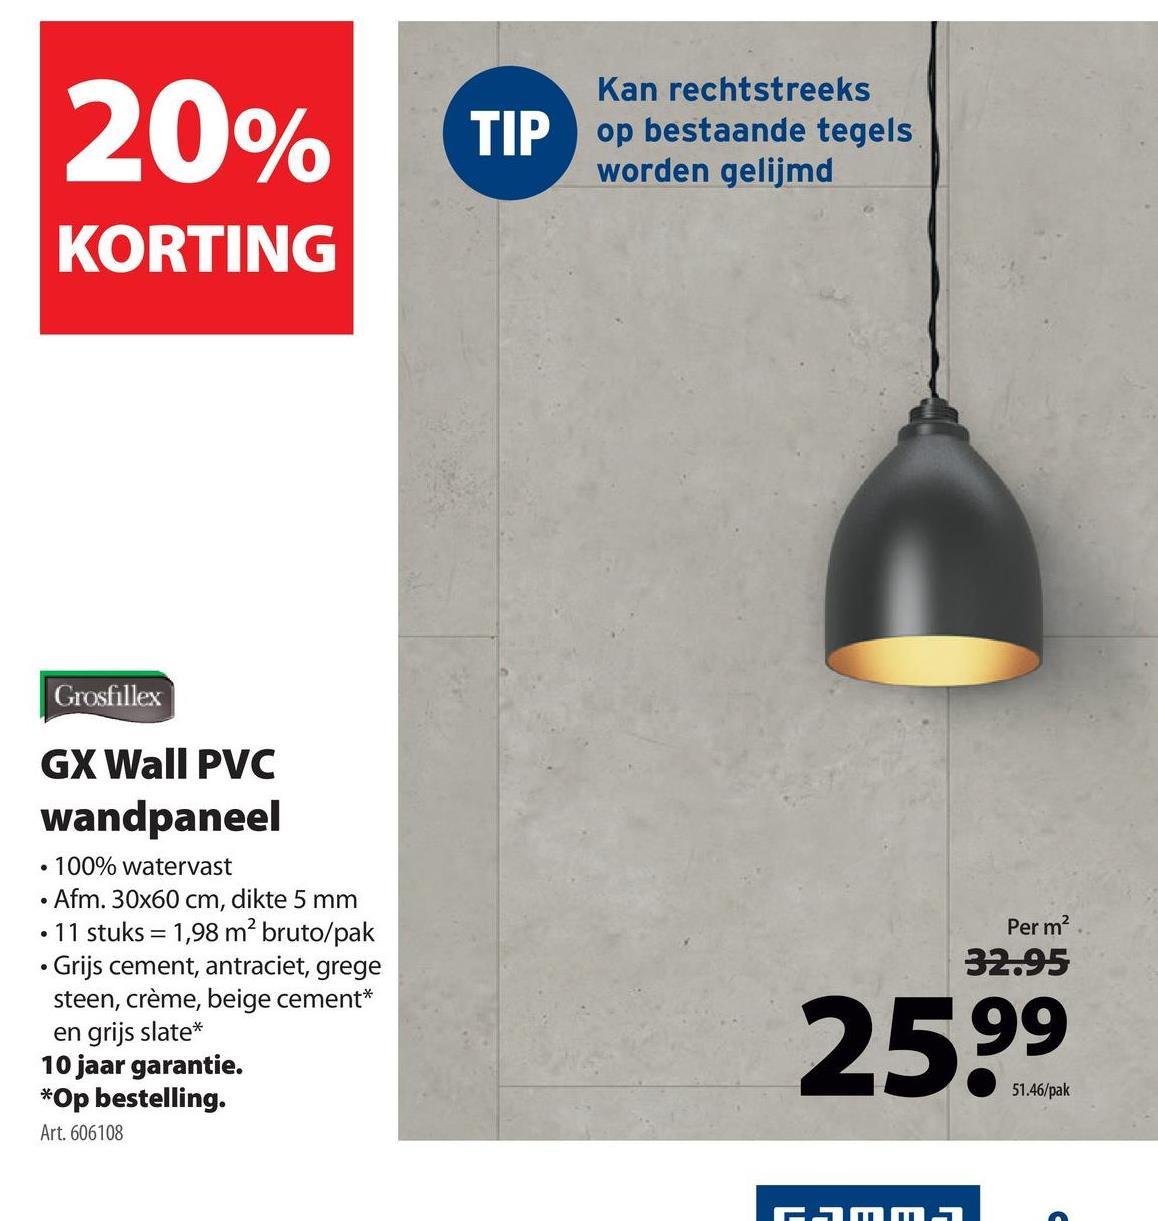 20% TIP Kan rechtstreeks op bestaande tegels worden gelijmd KORTING Grosfillex Per m2 GX Wall PVC wandpaneel • 100% watervast • Afm. 30x60 cm, dikte 5 mm • 11 stuks = 1,98 m² bruto/pak • Grijs cement, antraciet, grege steen, crème, beige cement* en grijs slate* 10 jaar garantie. *Op bestelling. Art. 606108 32.95 2599 51.46/pak Emma